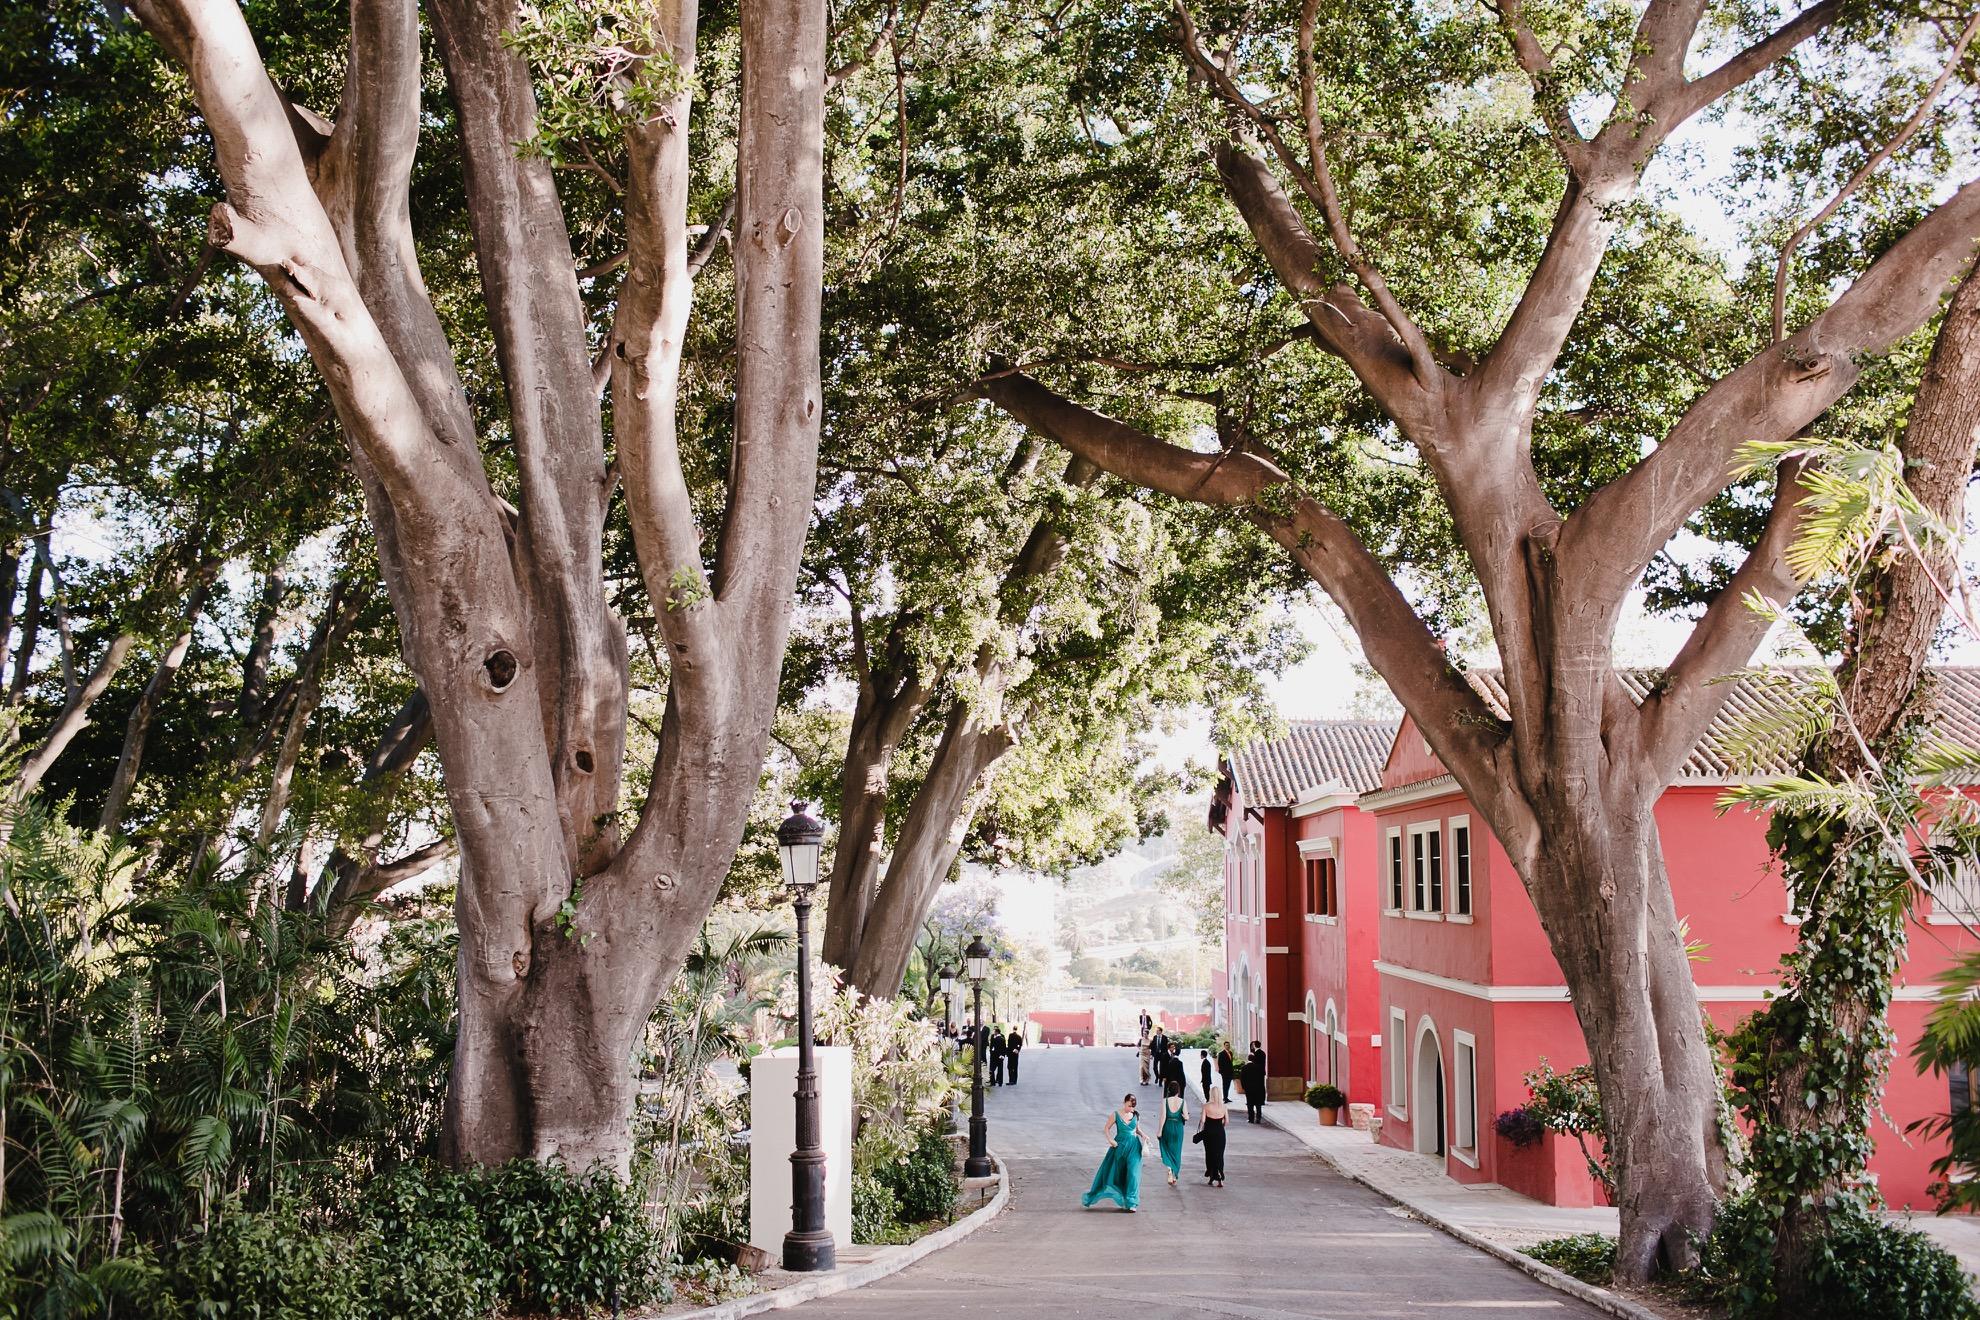 Si-Quiero-Wedding-Planner-By-Sira-Antequera-Bodas-Málaga-Marbella-Miami- Paola-Carlos-90